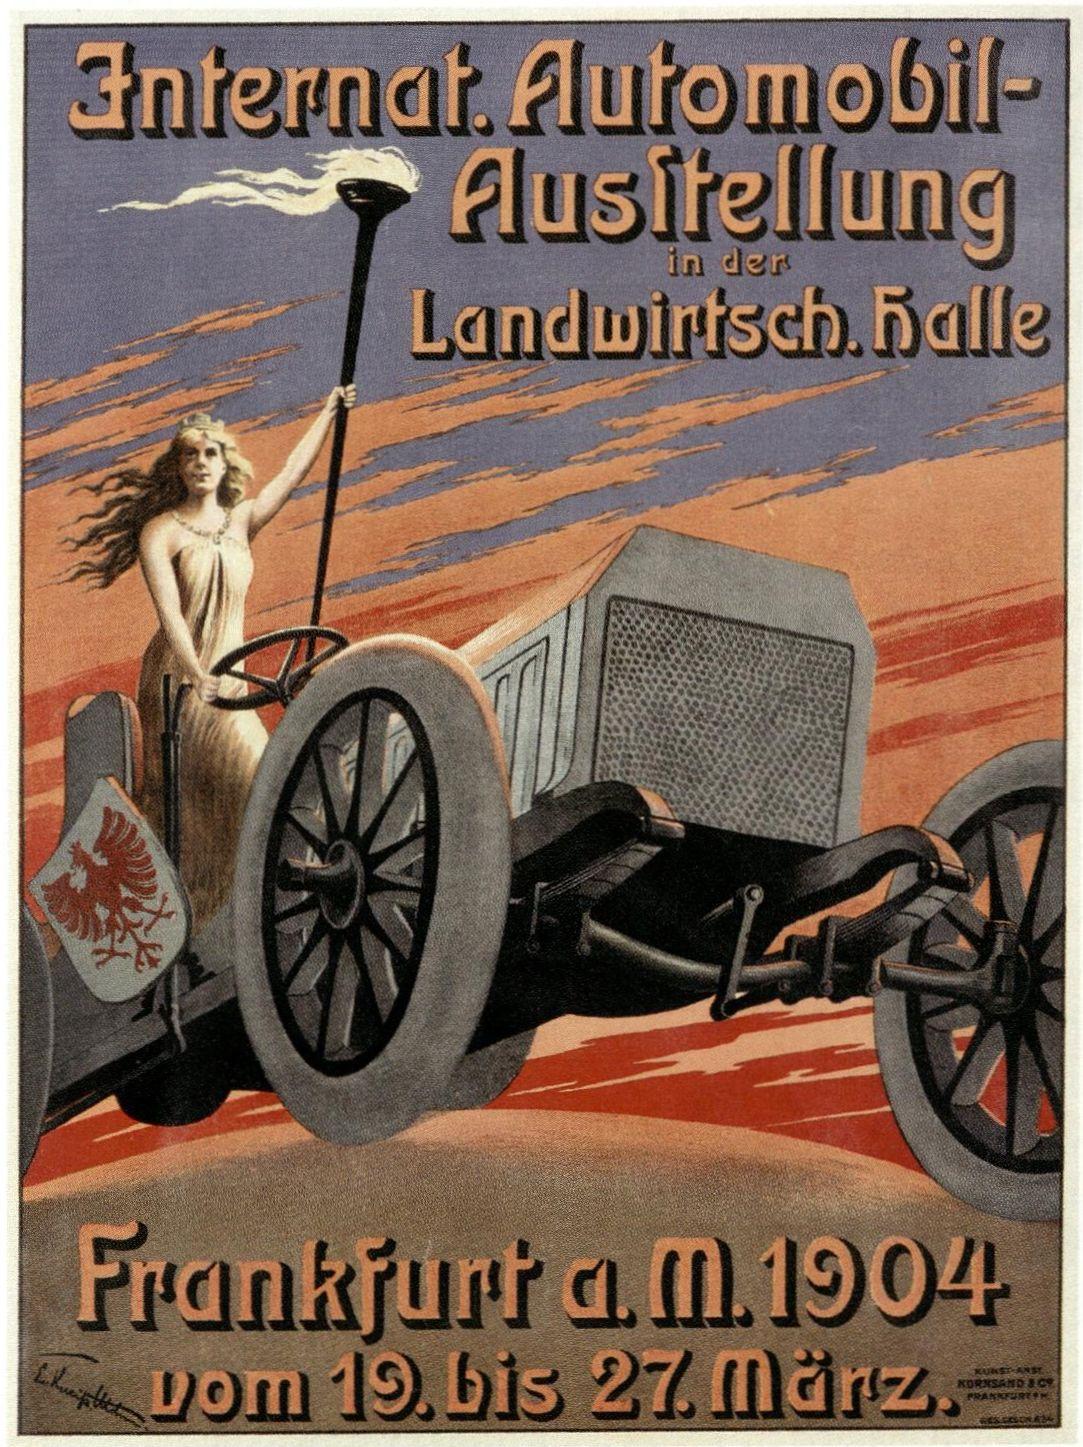 Automobilausstellung im März 1904 in Frankfurt